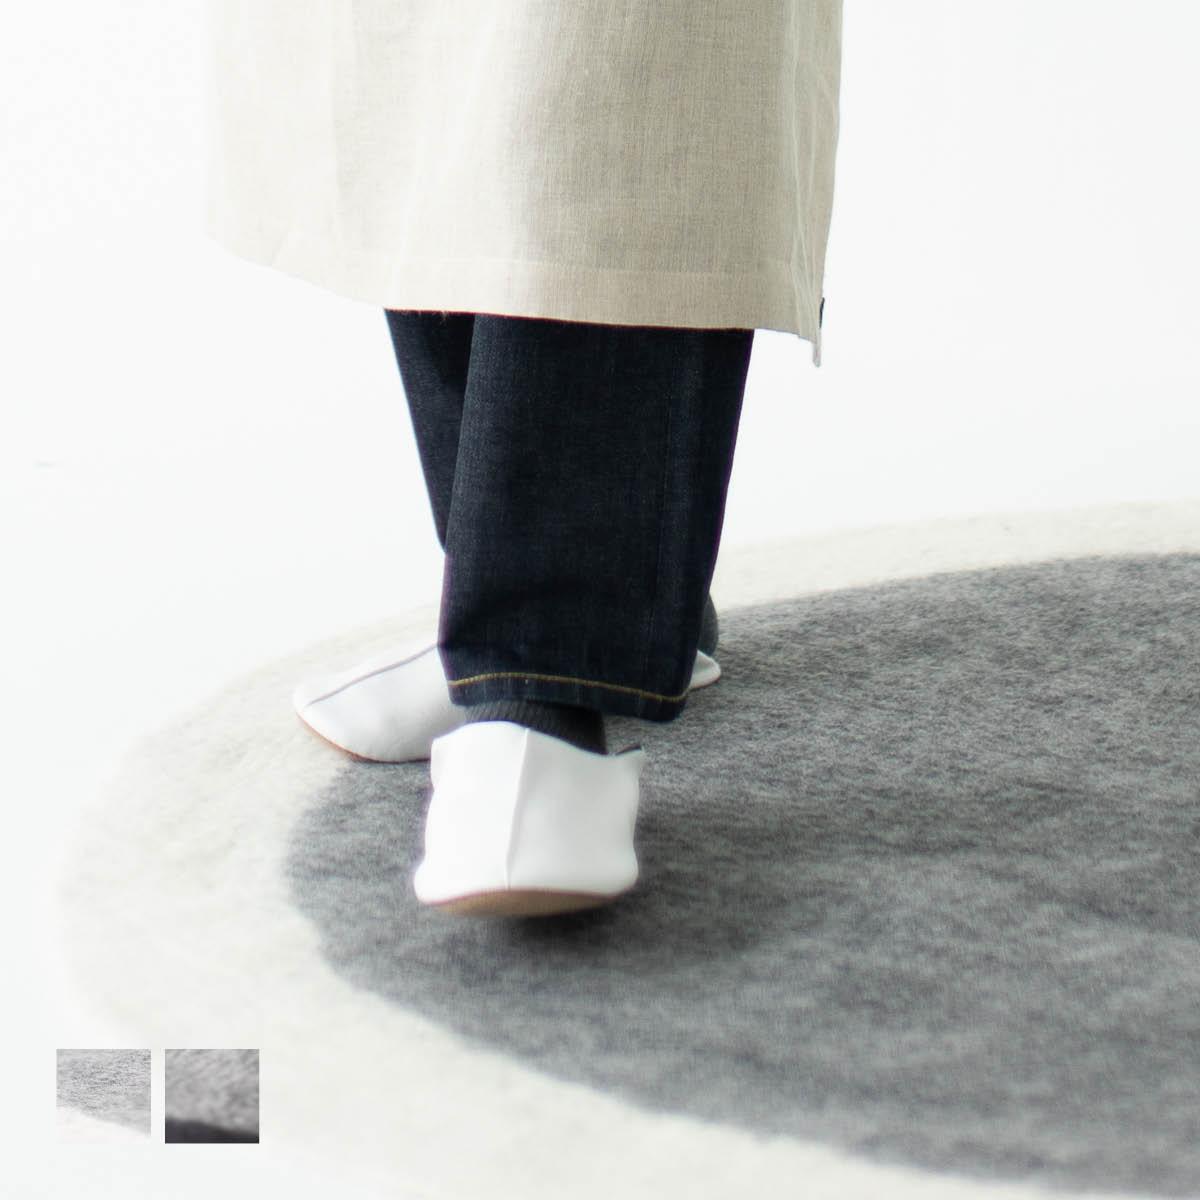 [b2c ウール フェルト シートラグ LL|約 直径120cm]ラグマット おしゃれ かわいい シンプル#SALE_IZ